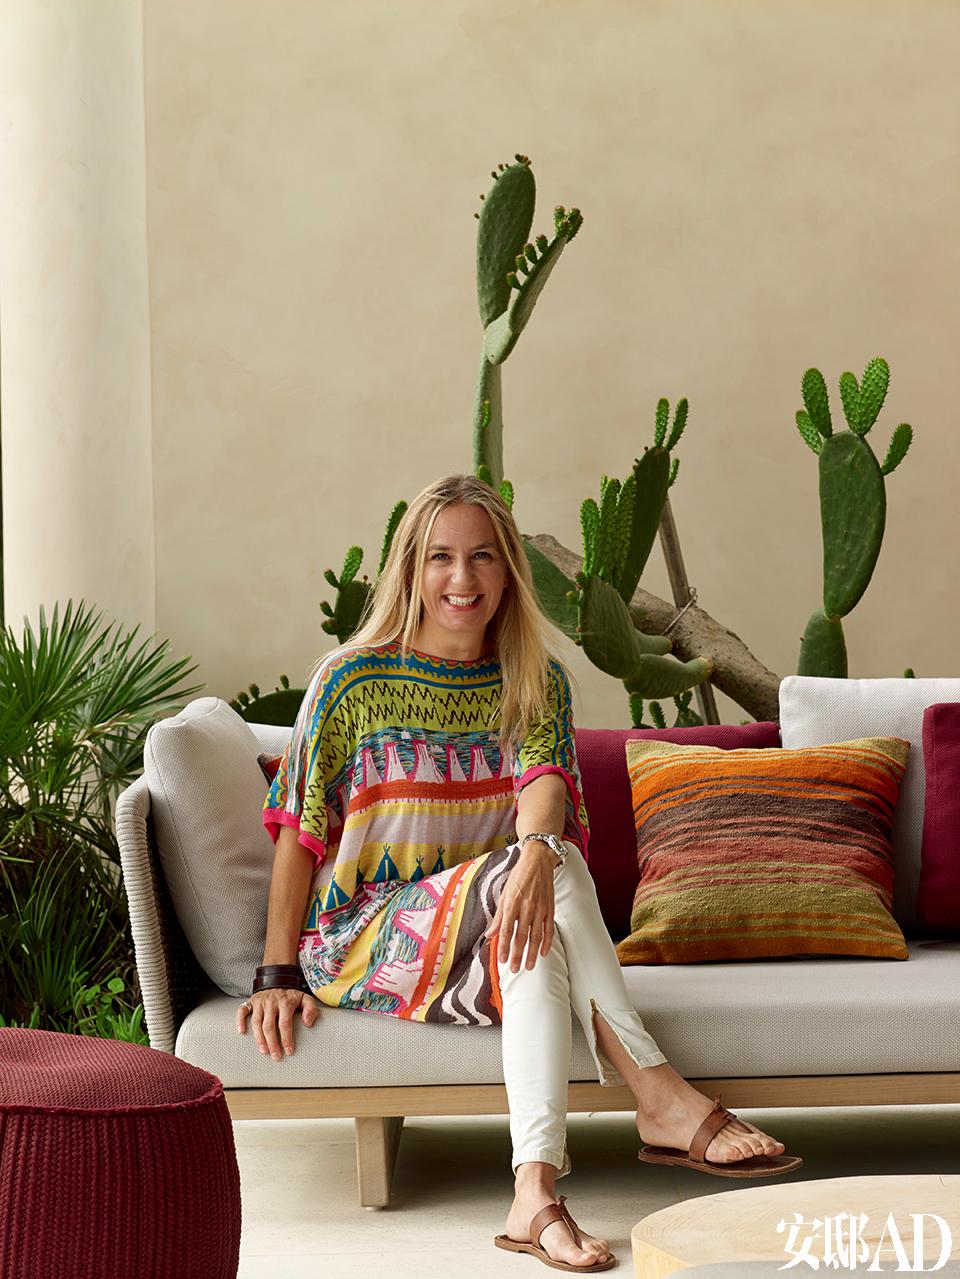 设计师: Claudia Silberschmidt,Atelier Zuerich的主创设计师,出生和成长于瑞士的Appenzellerland地区,那里如画的风景和传统手工艺一直是她设计的灵感源。她作为Atelier Zuerich的创建者,总是为公司的设计注入清新气息。